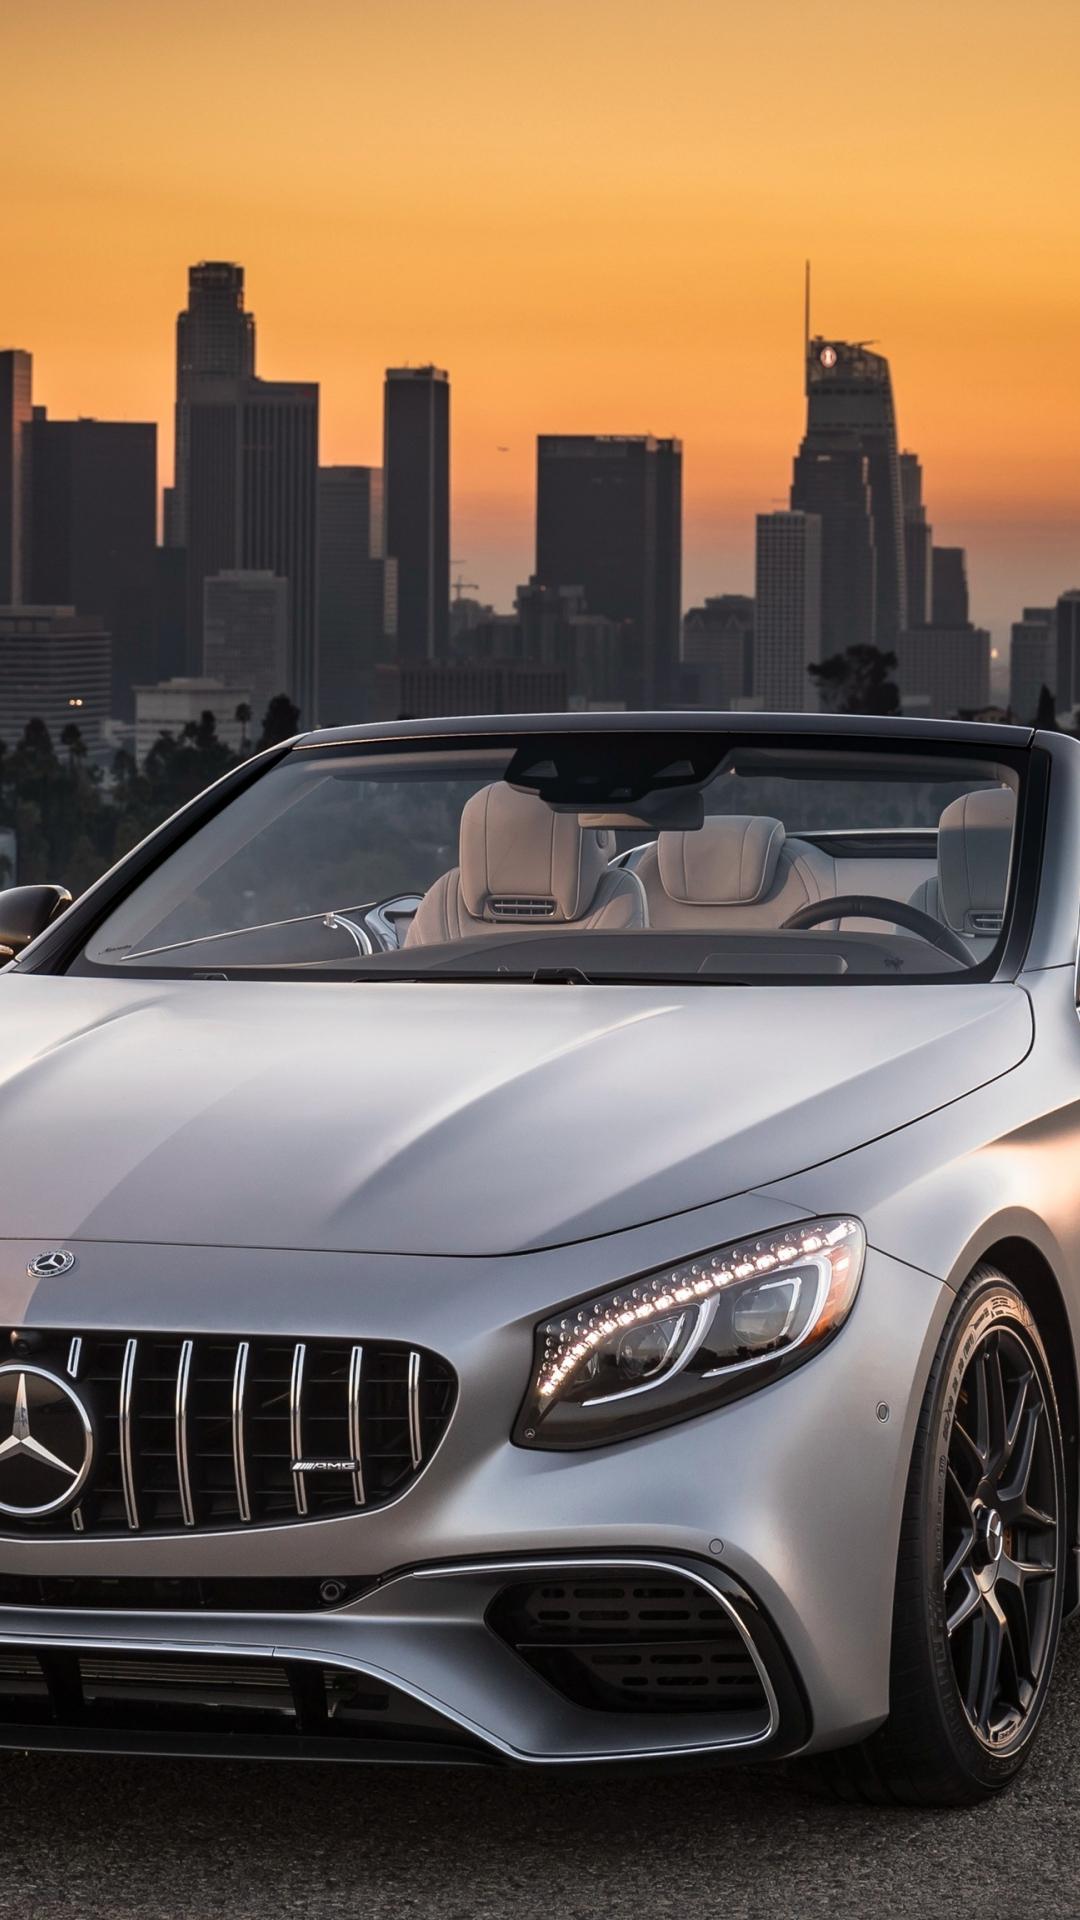 Mercedes-AMG S63 4MATIC Cabriolet, sports car, 1080x1920 wallpaper